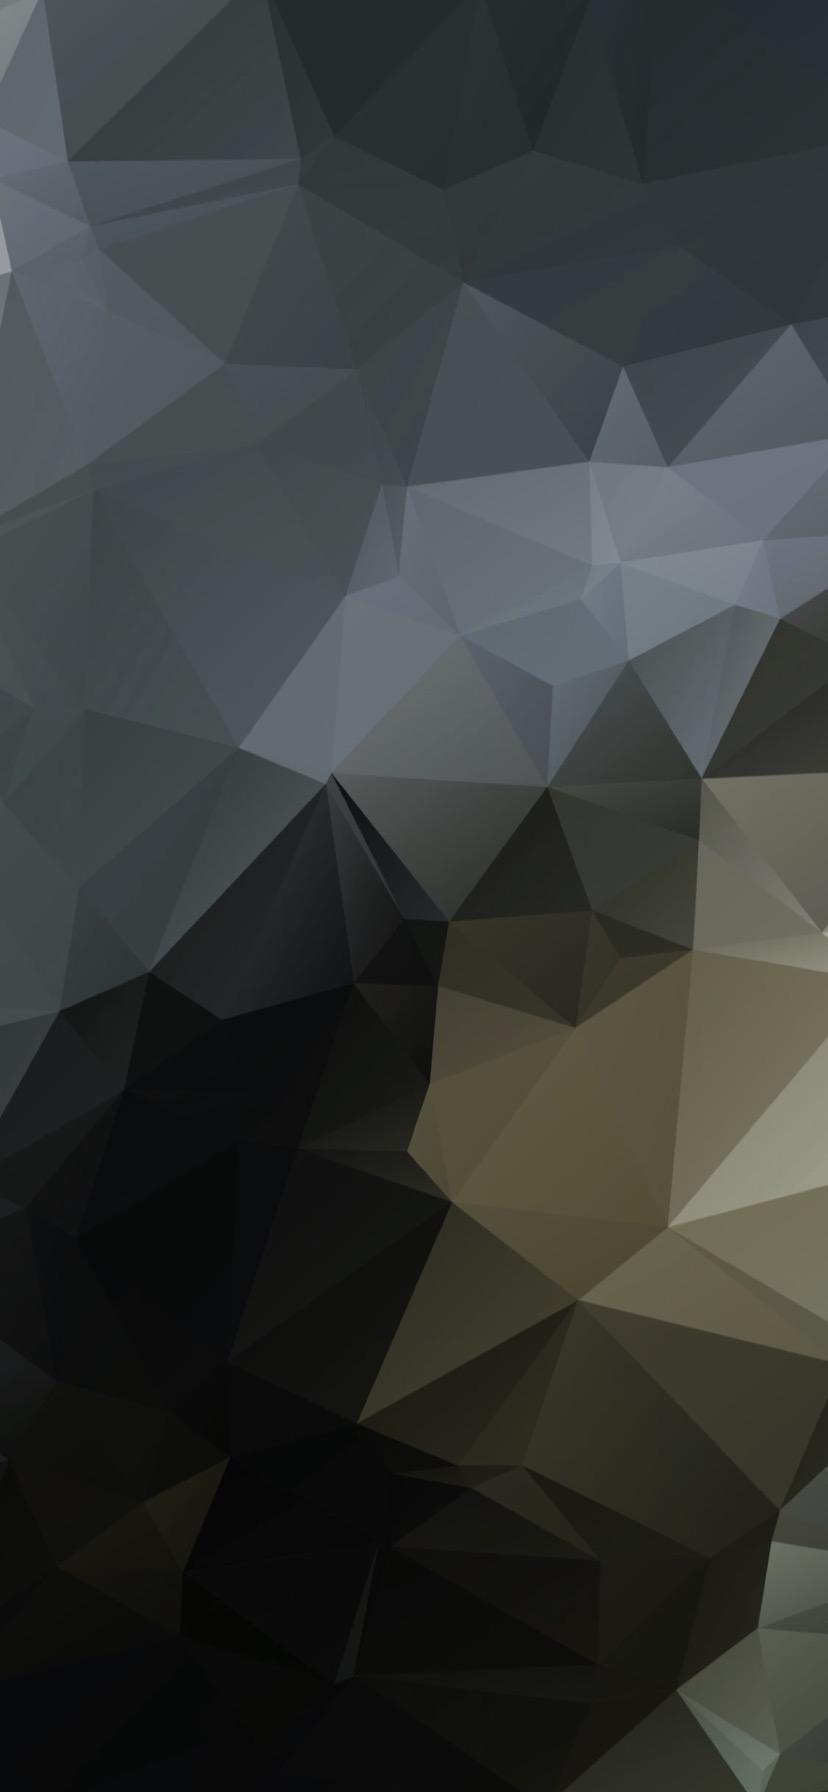 Iphone Xr Wallpaper 0061 Alliphonewallpapers Net